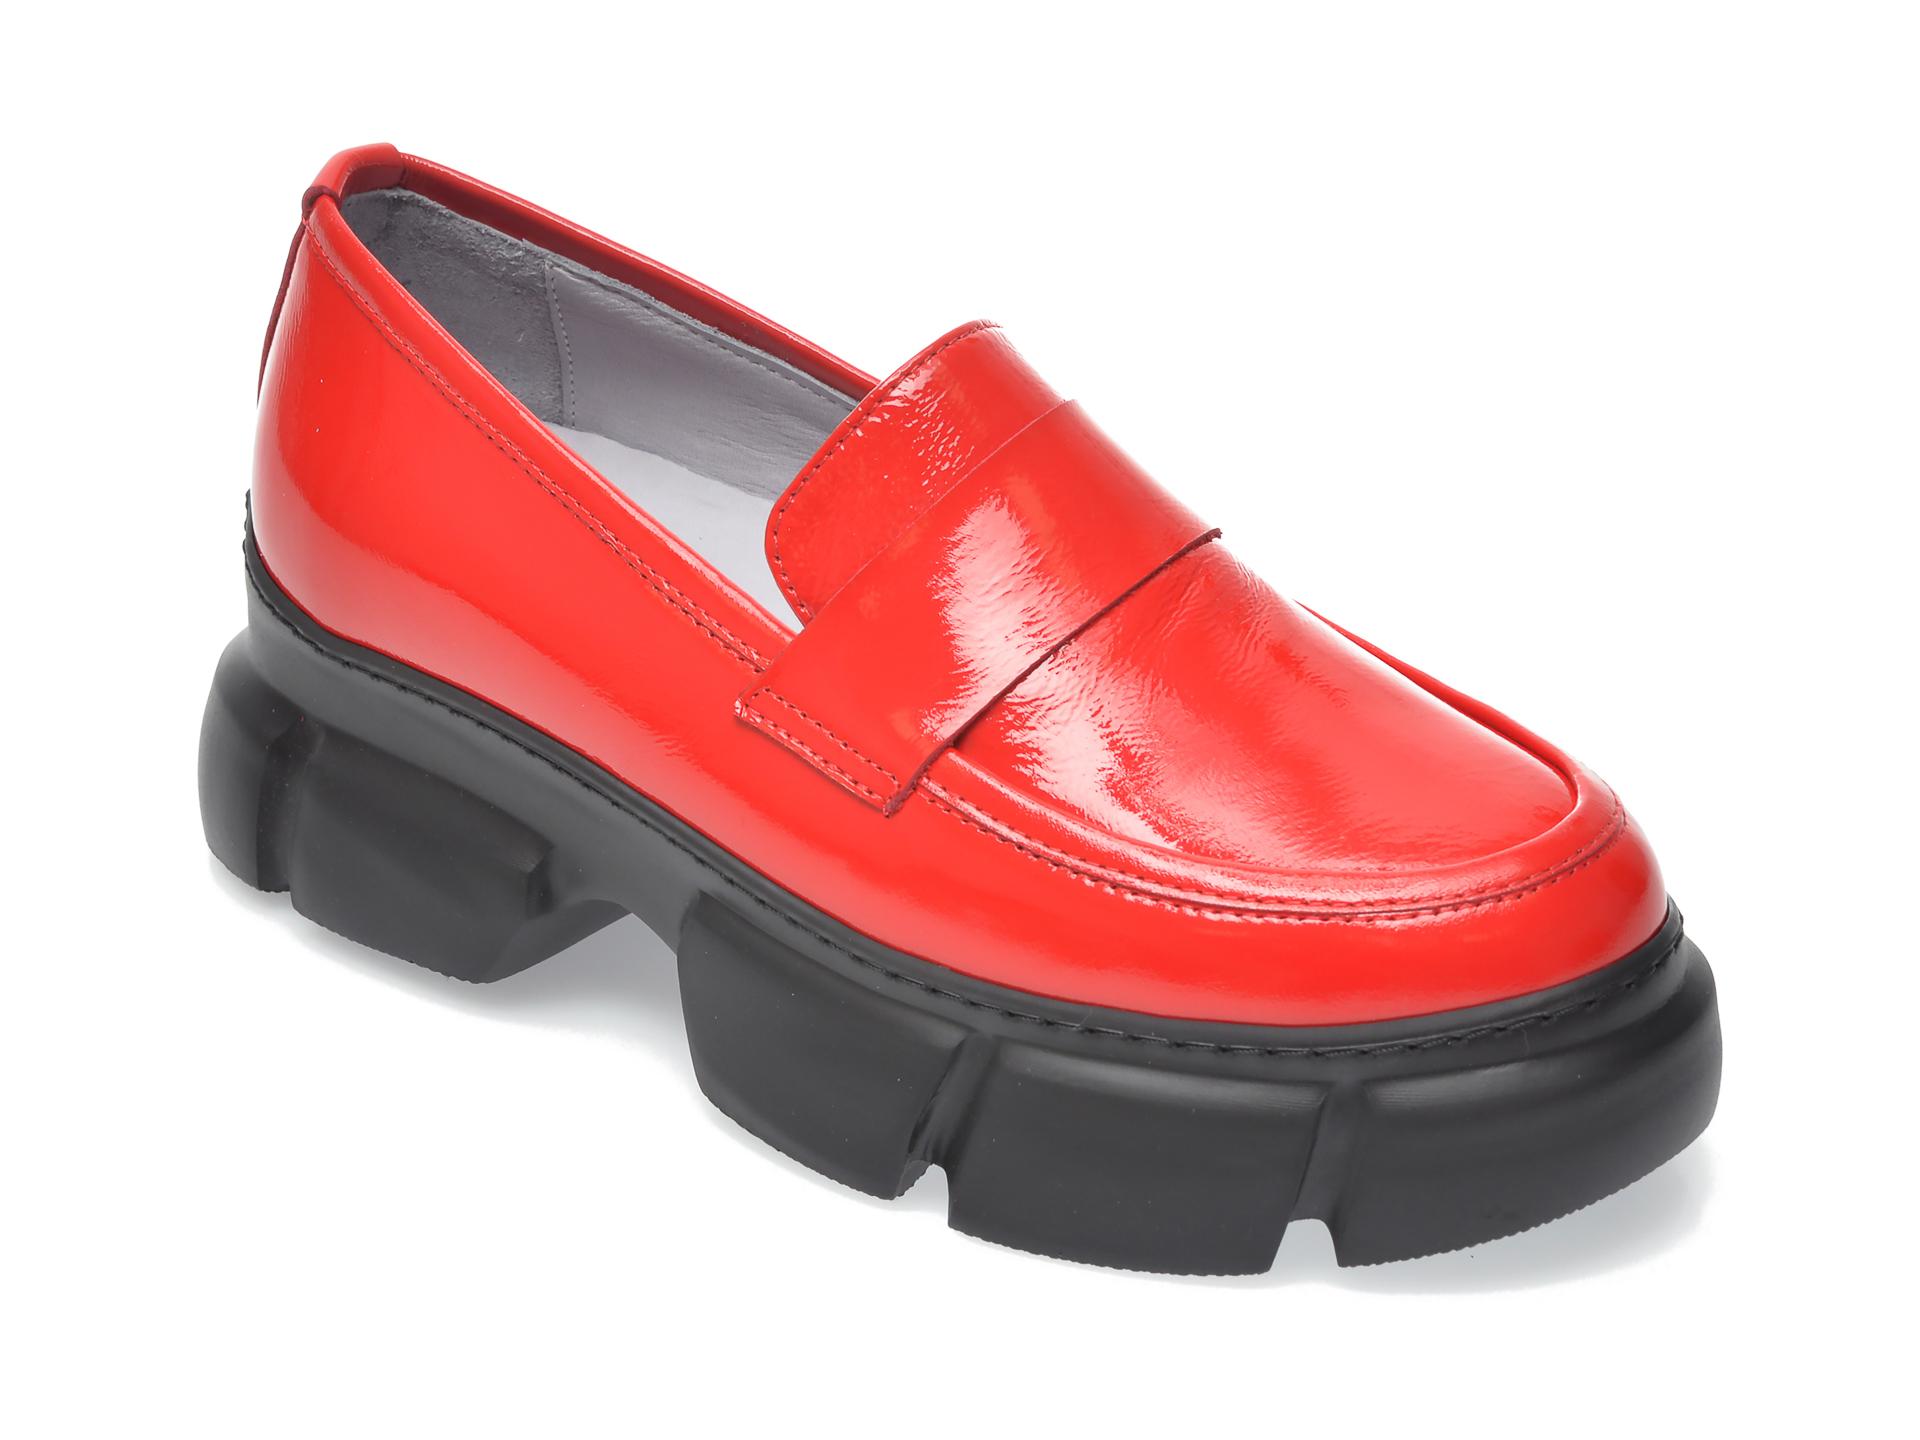 Pantofi FLAVIA PASSINI rosii, 1185341, din piele naturala lacuita New